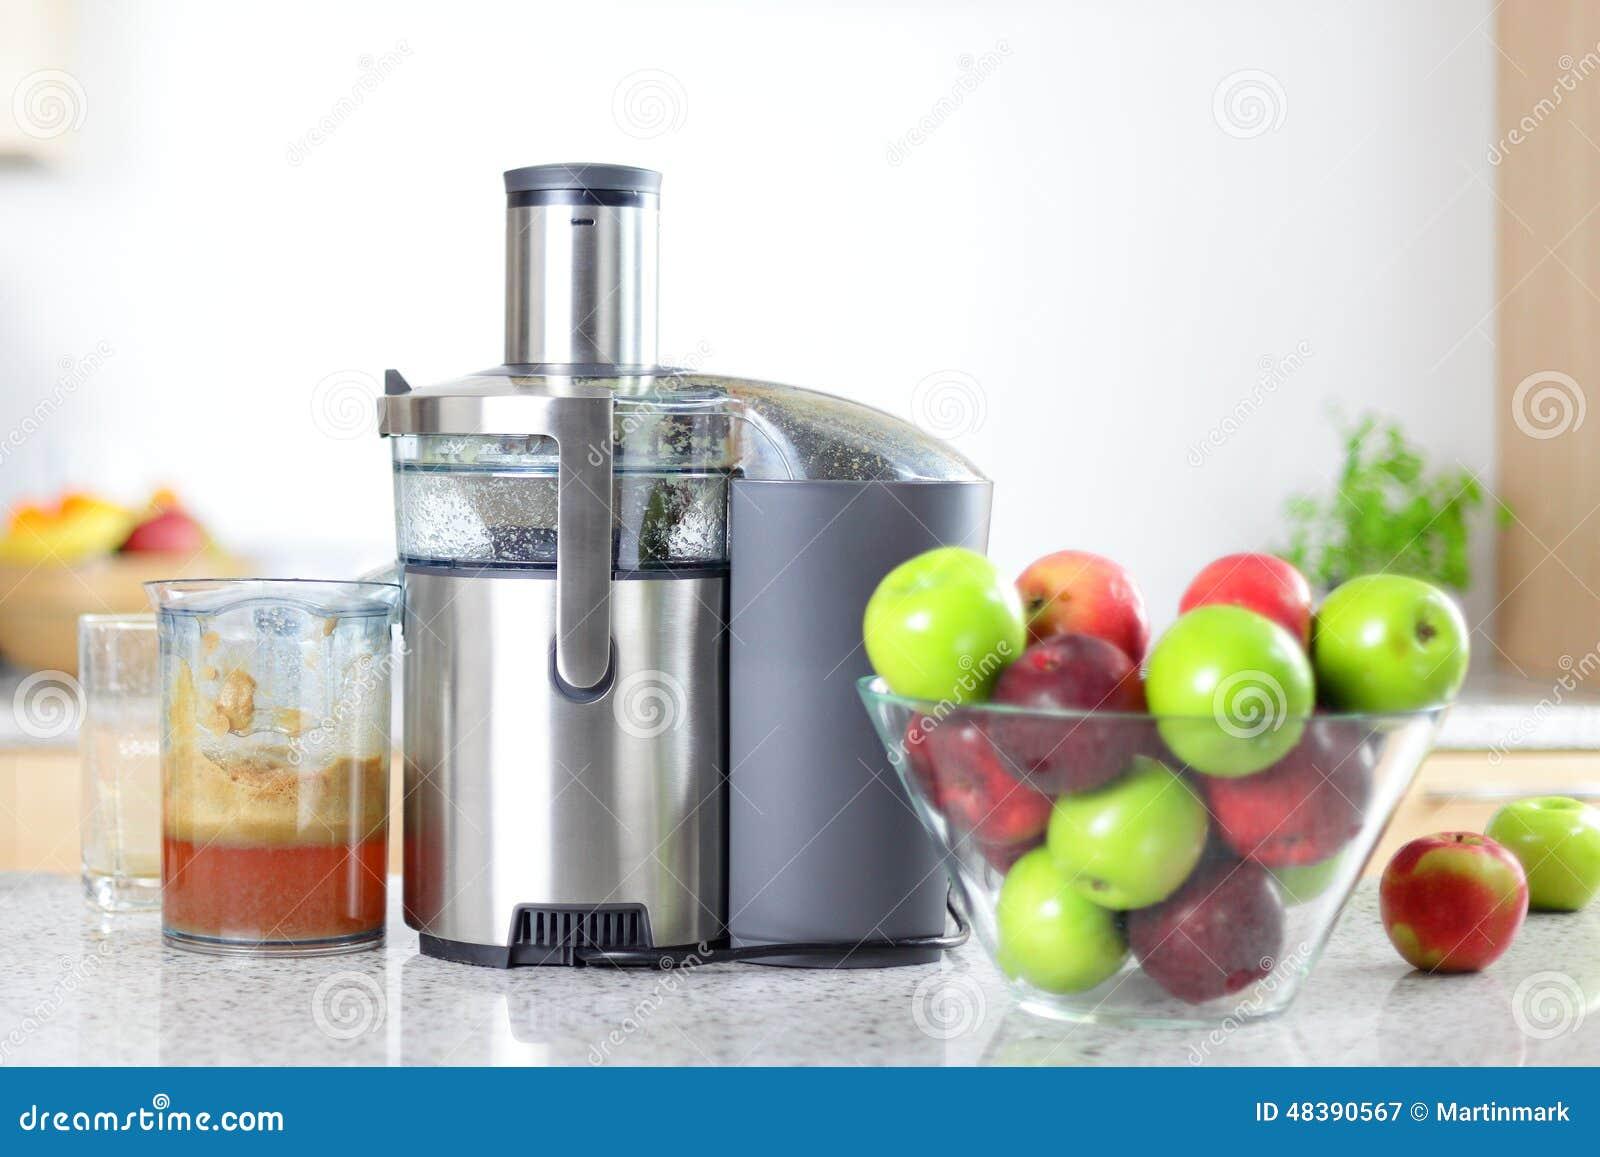 machine a jus de fruit professionnel restaurant industrielle machine de fabrication jus pack. Black Bedroom Furniture Sets. Home Design Ideas